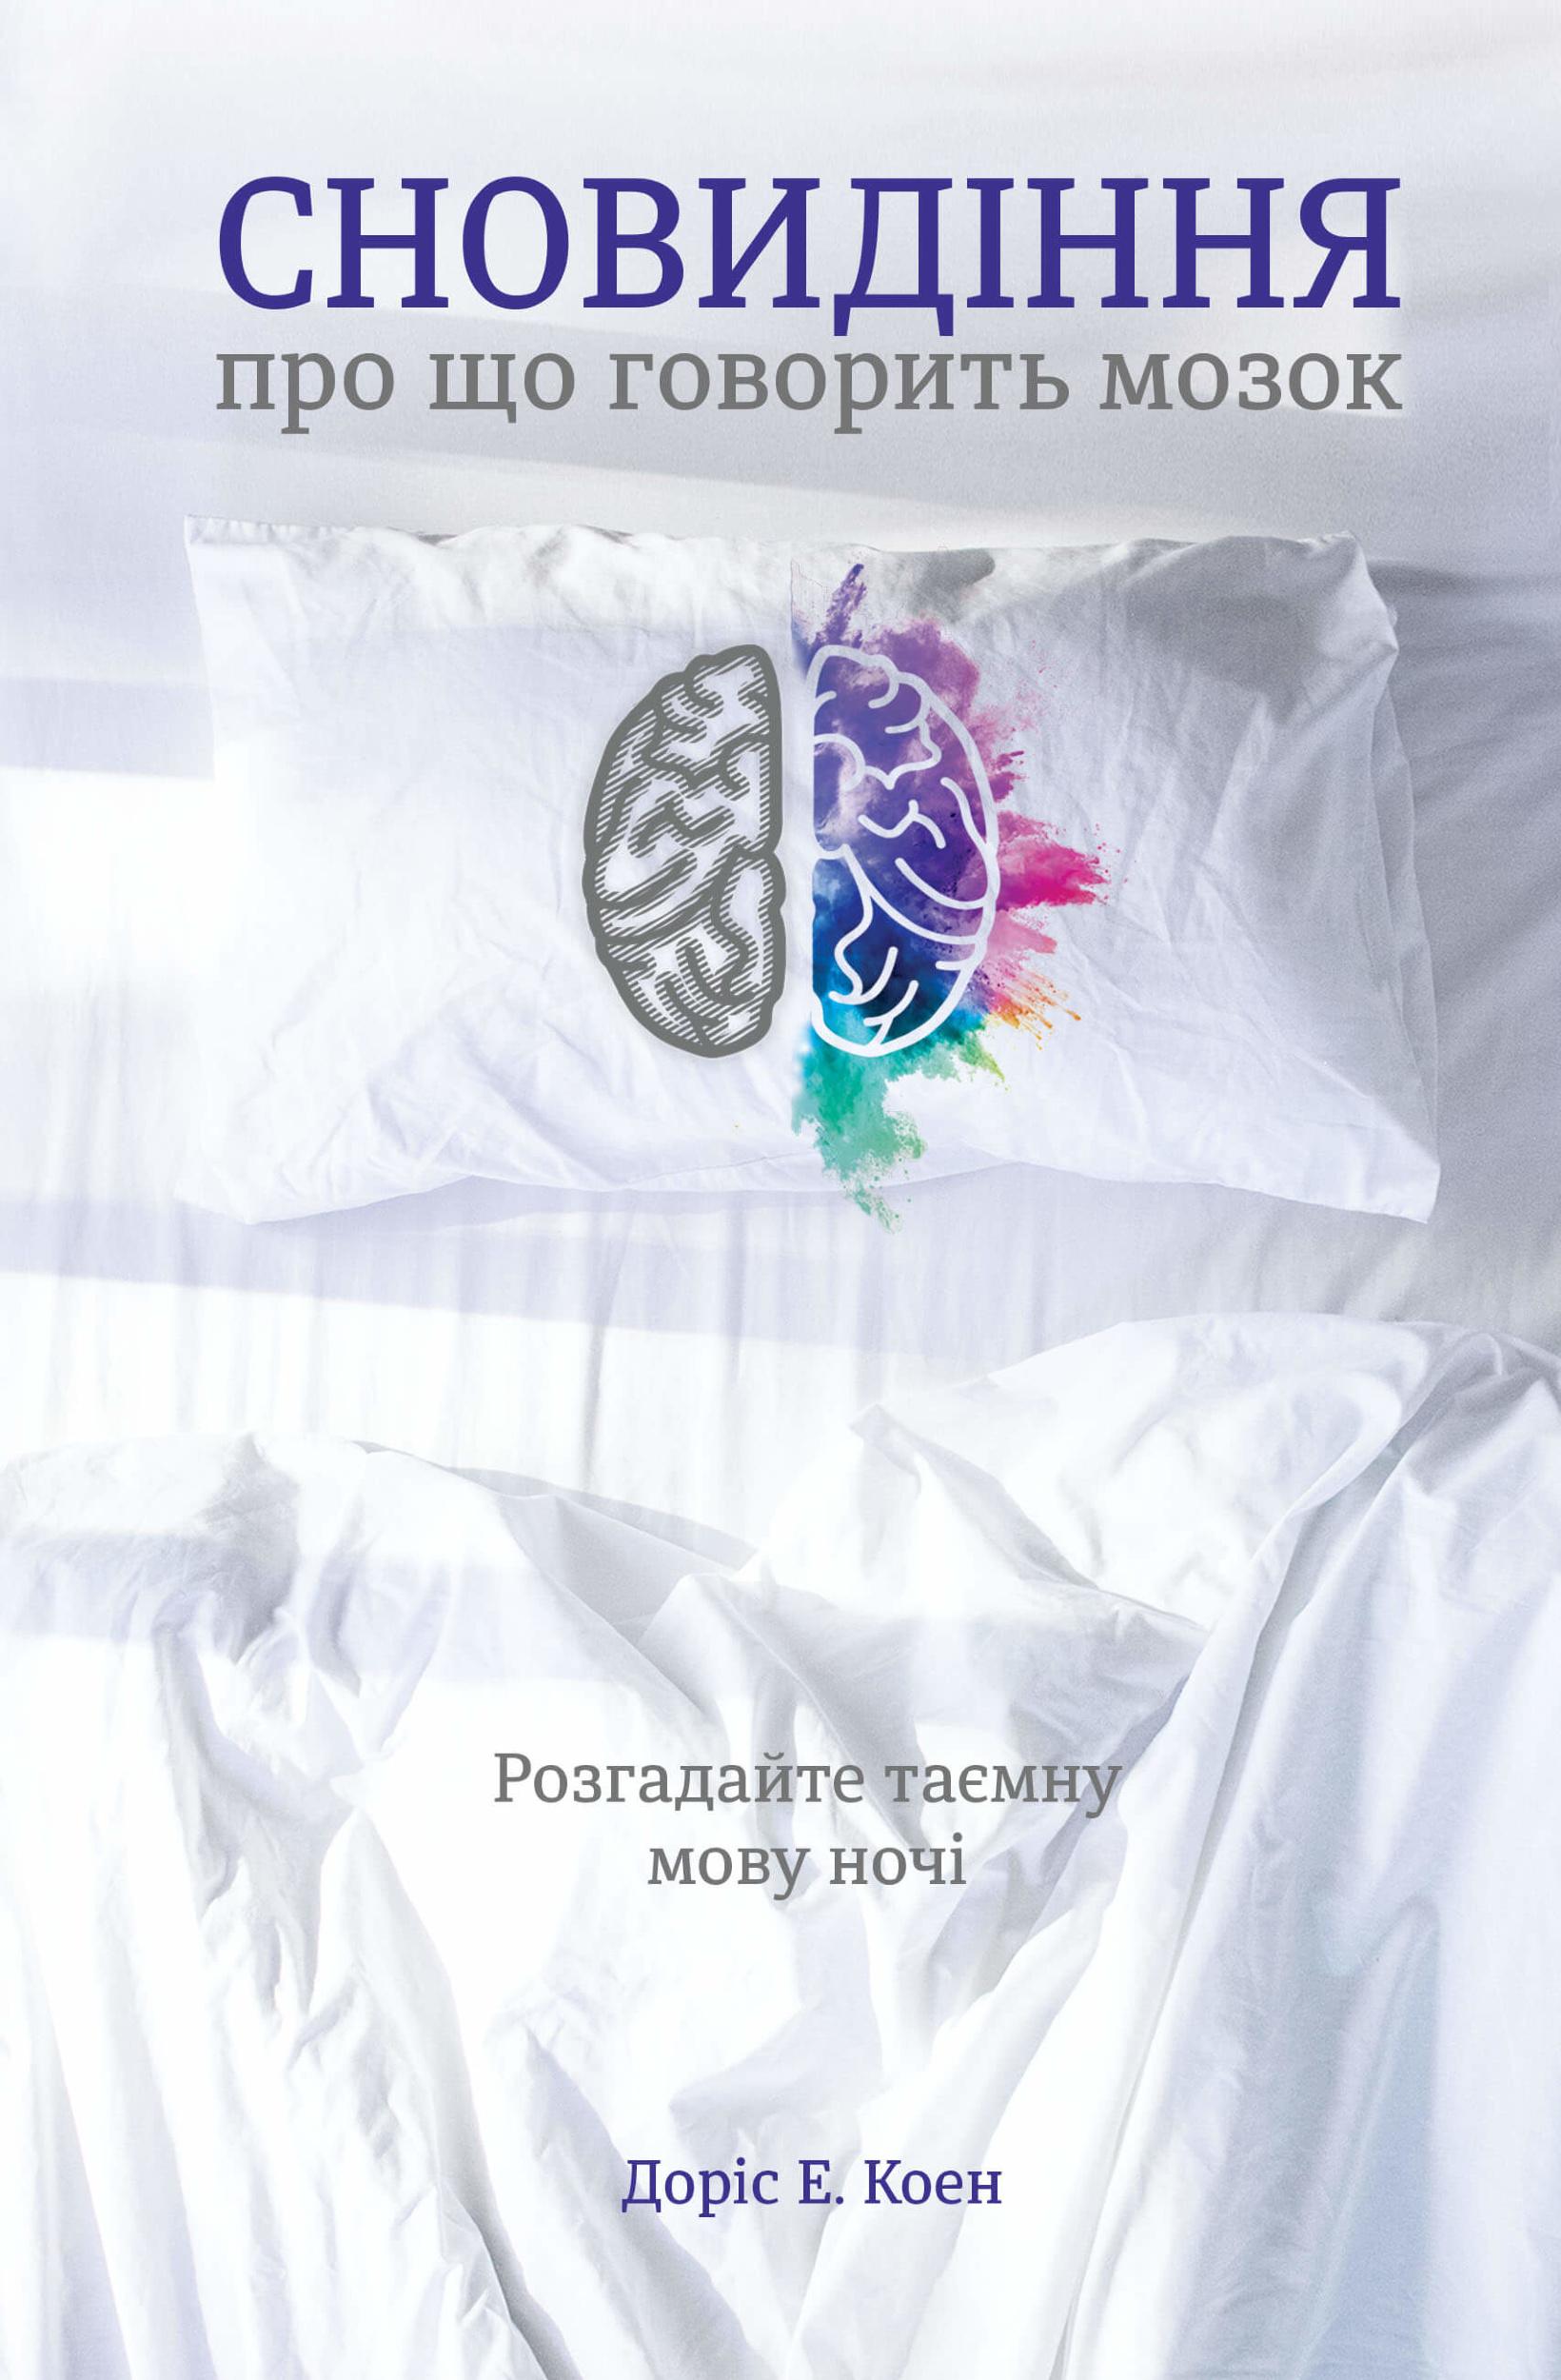 Сновидіння. Про що говорить мозок. Розгадайте таємну мову ночі